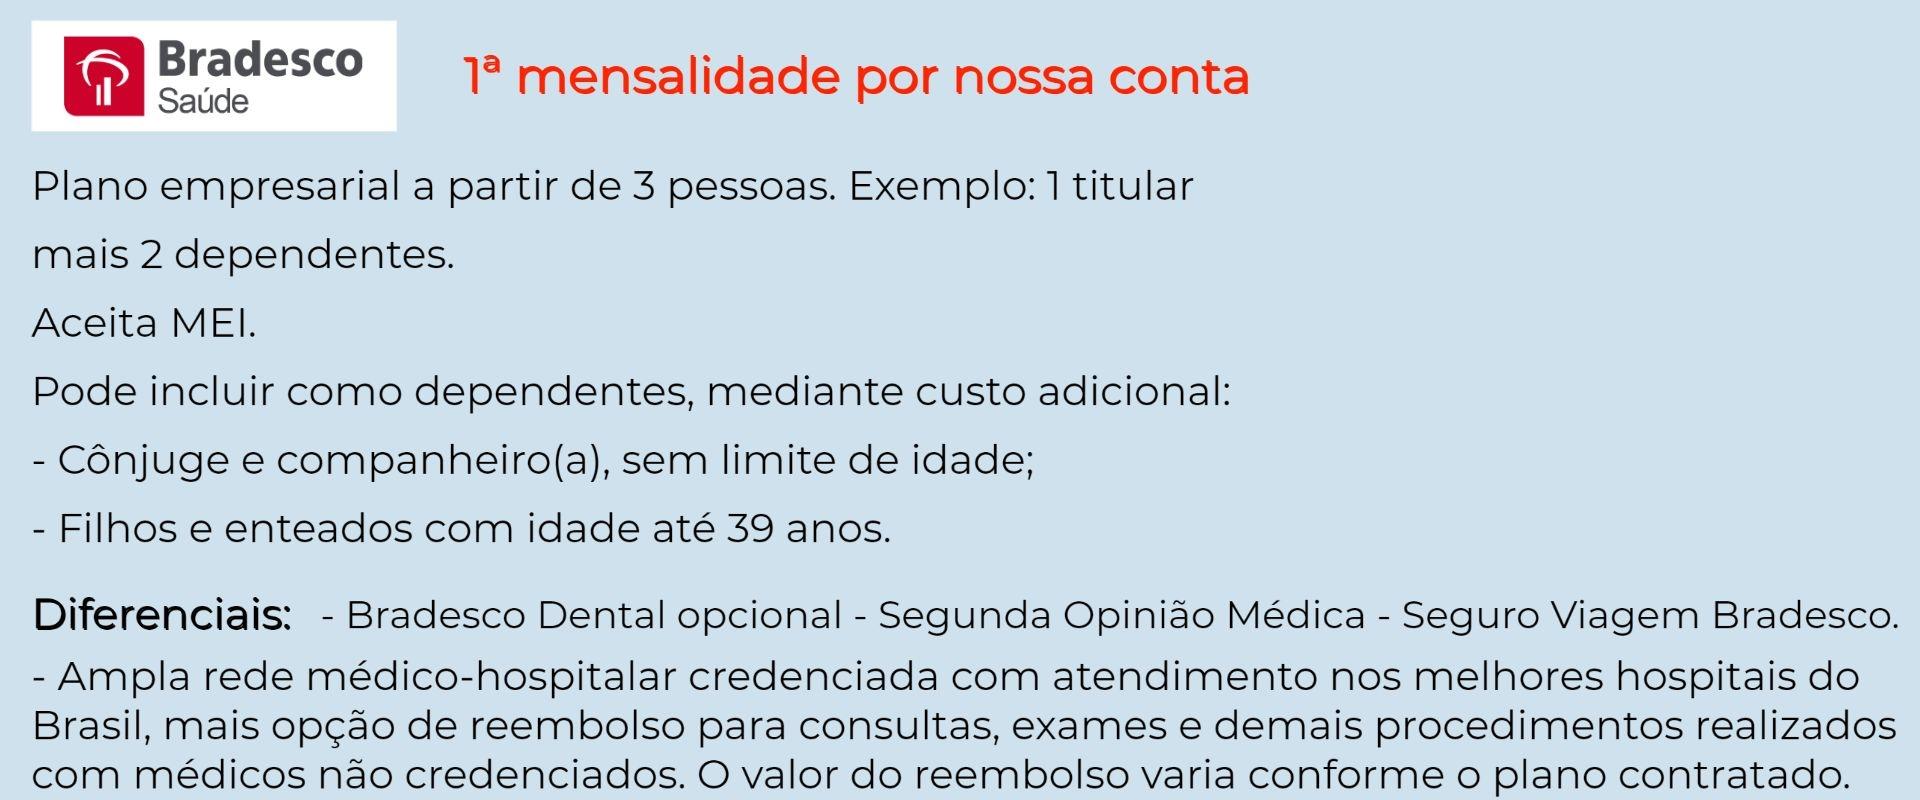 Bradesco Saúde Empresarial - Coruripe